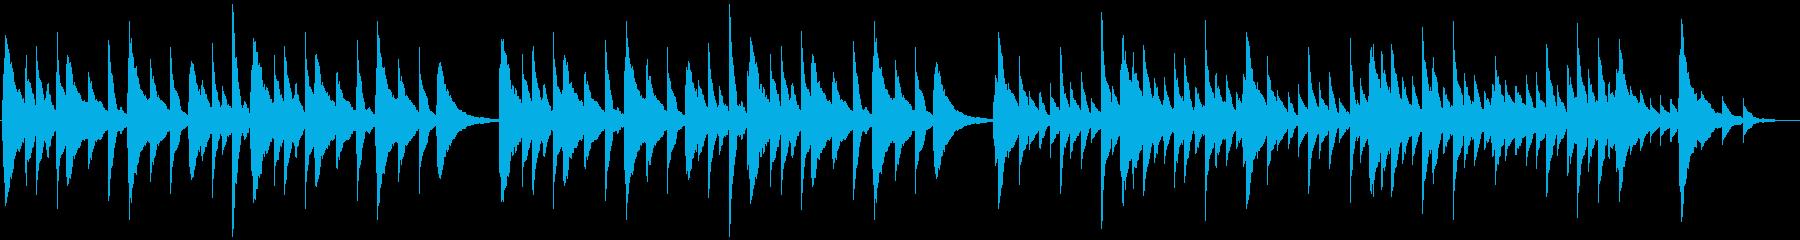 切ないピアノ楽曲(ループ仕様)の再生済みの波形